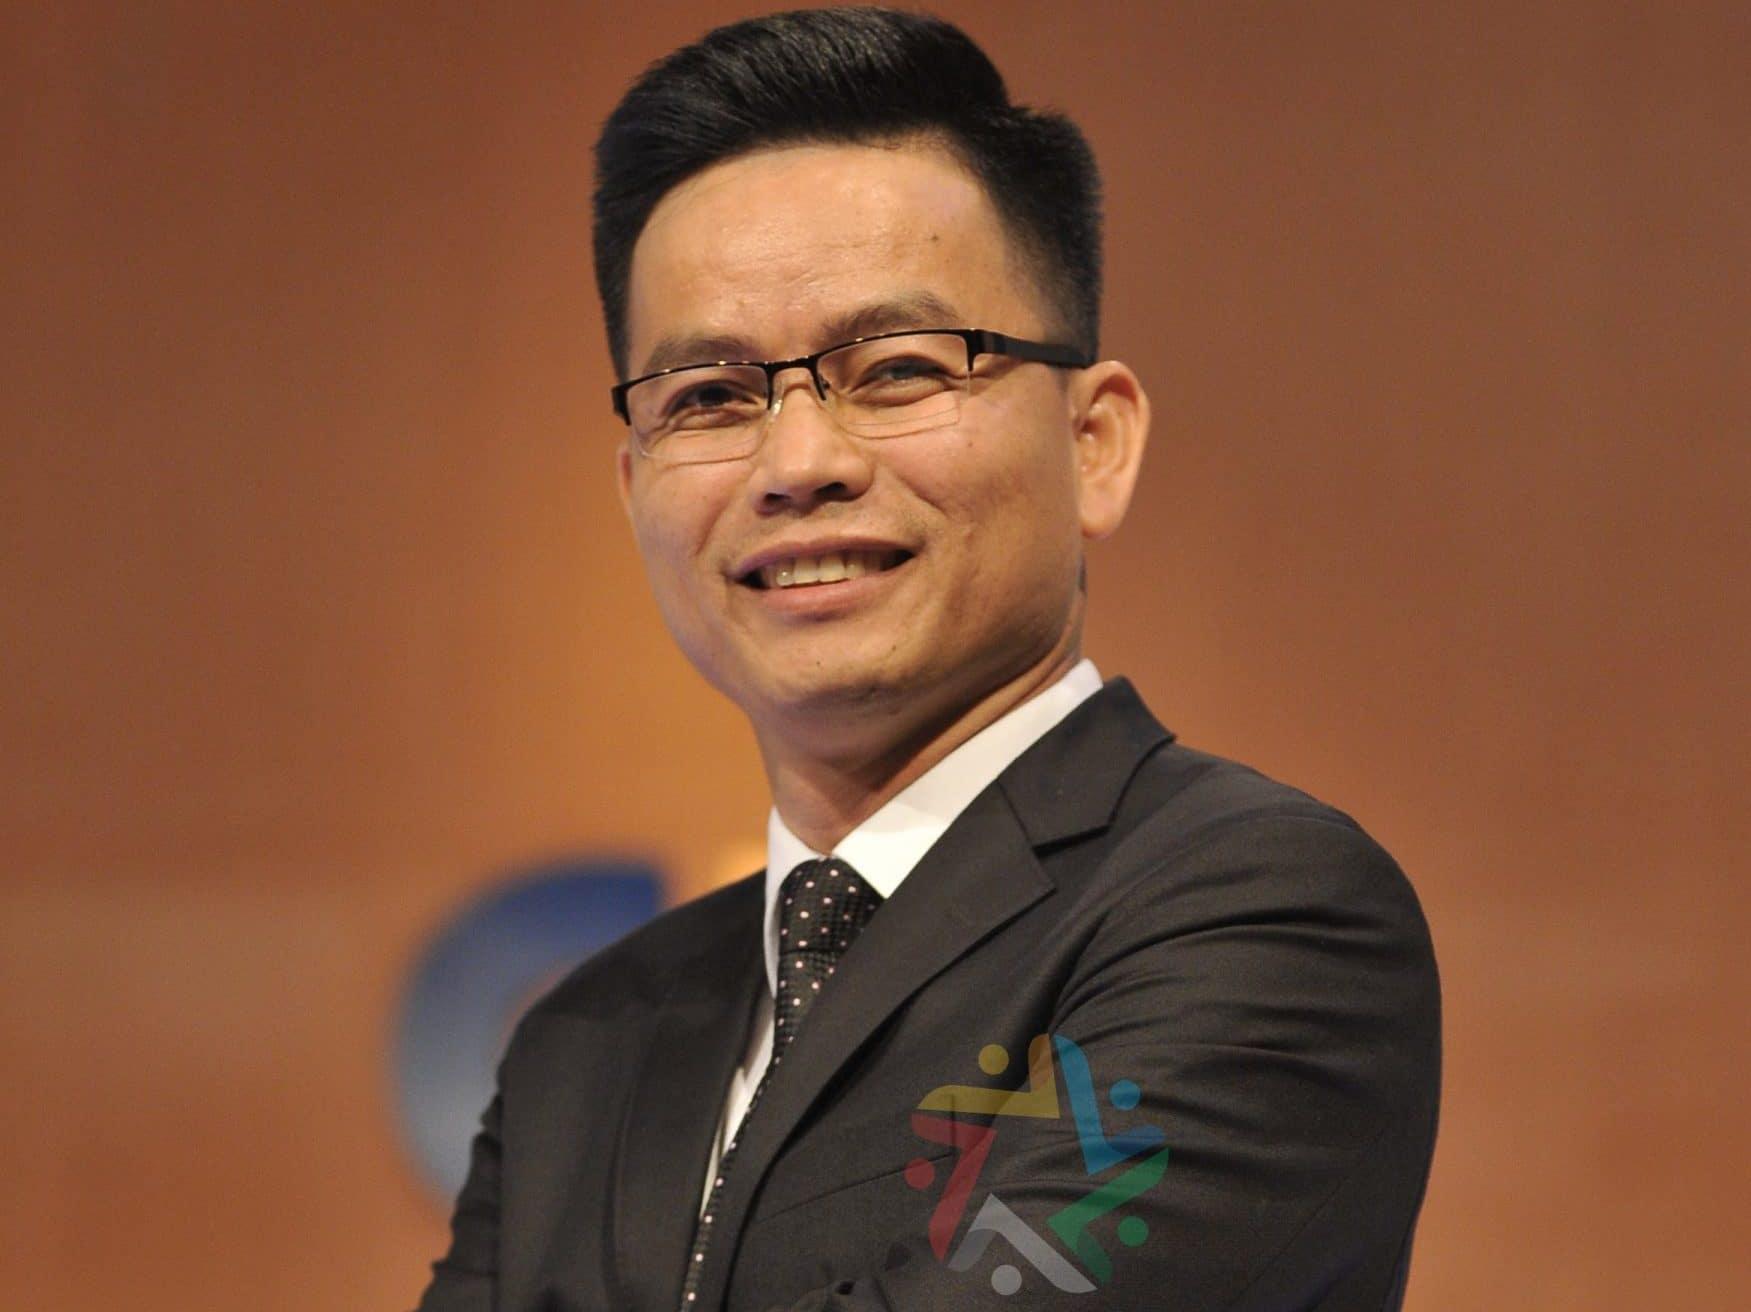 Tiến sĩ Trần Quốc Việt, Tổng Giám Đốc Tập đoàn Ecopark